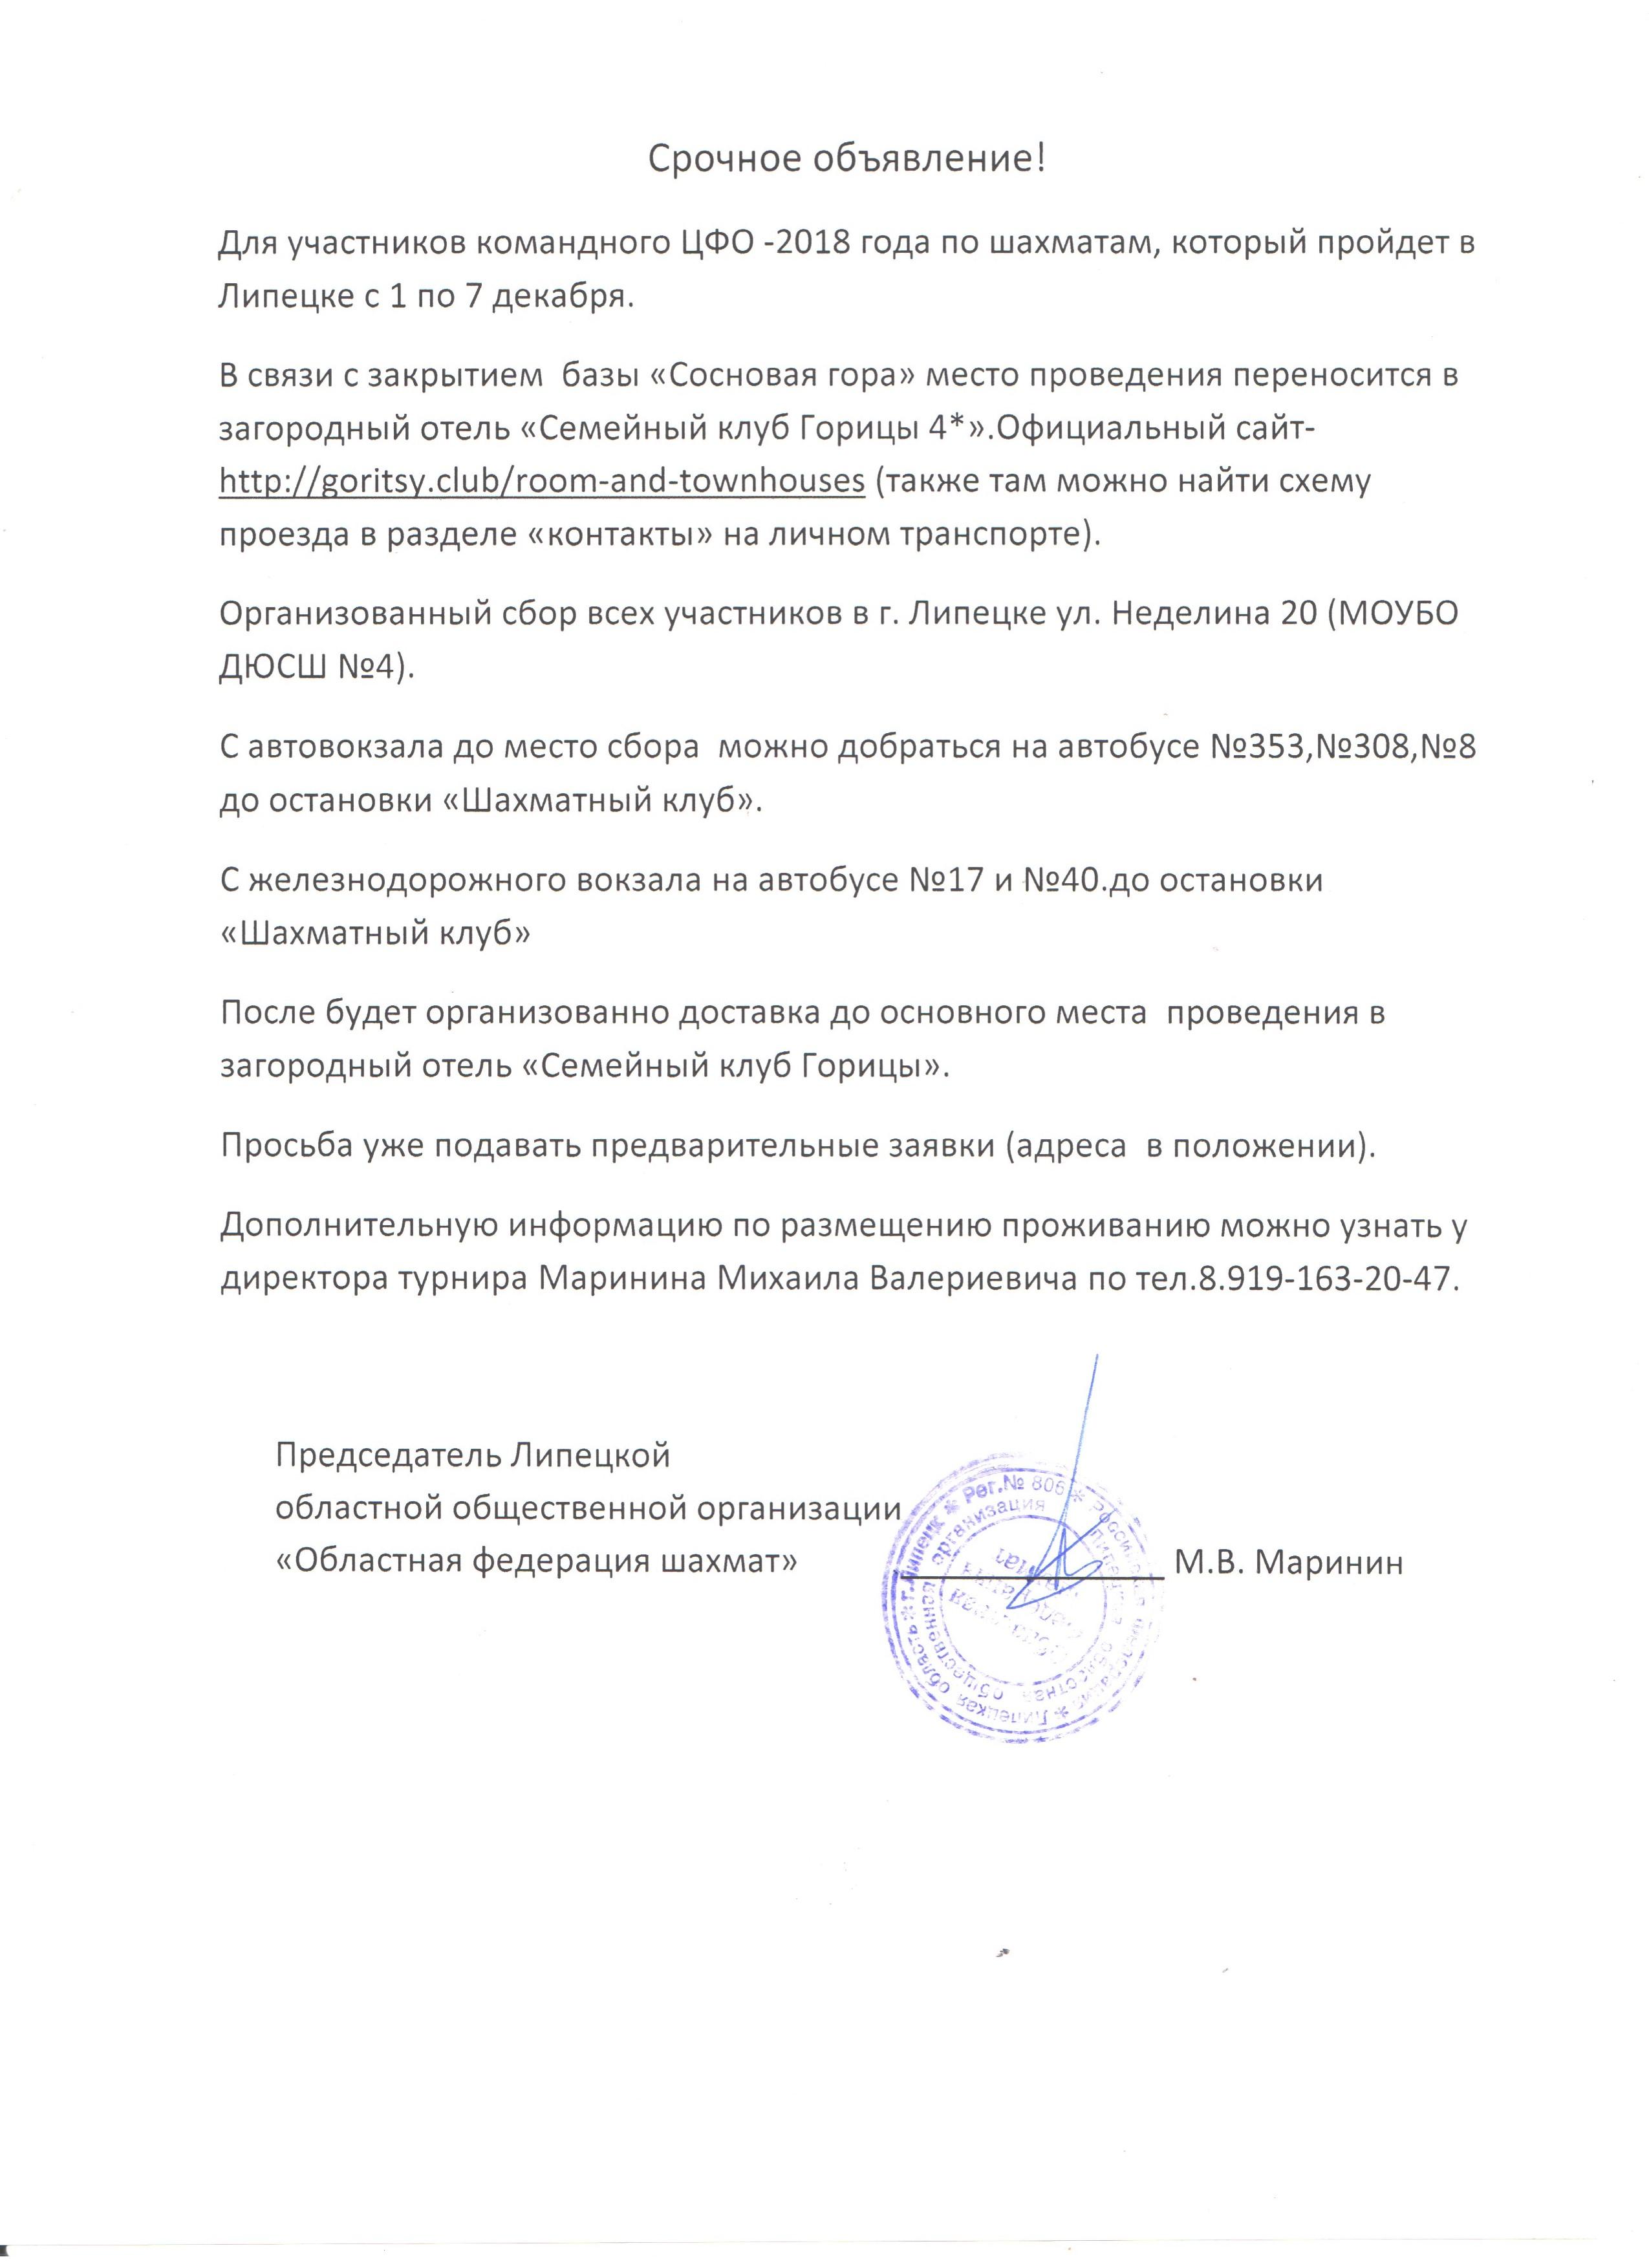 http://sh.uploads.ru/NXPGe.jpg